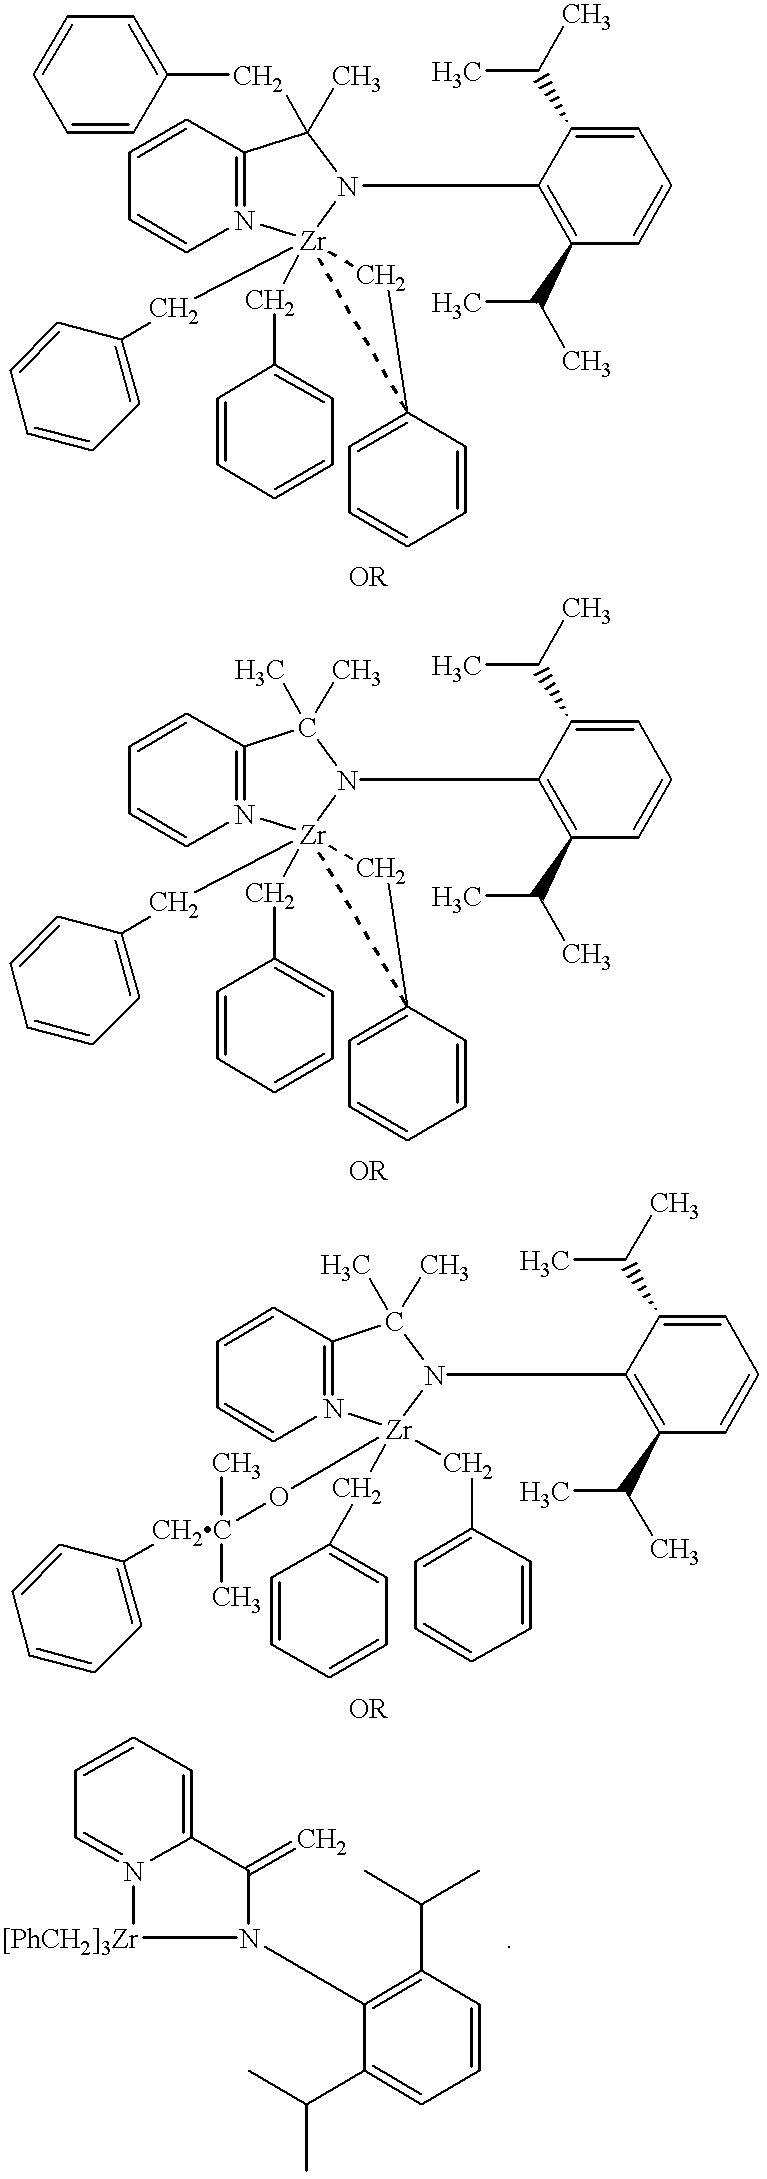 Figure US06340730-20020122-C00014